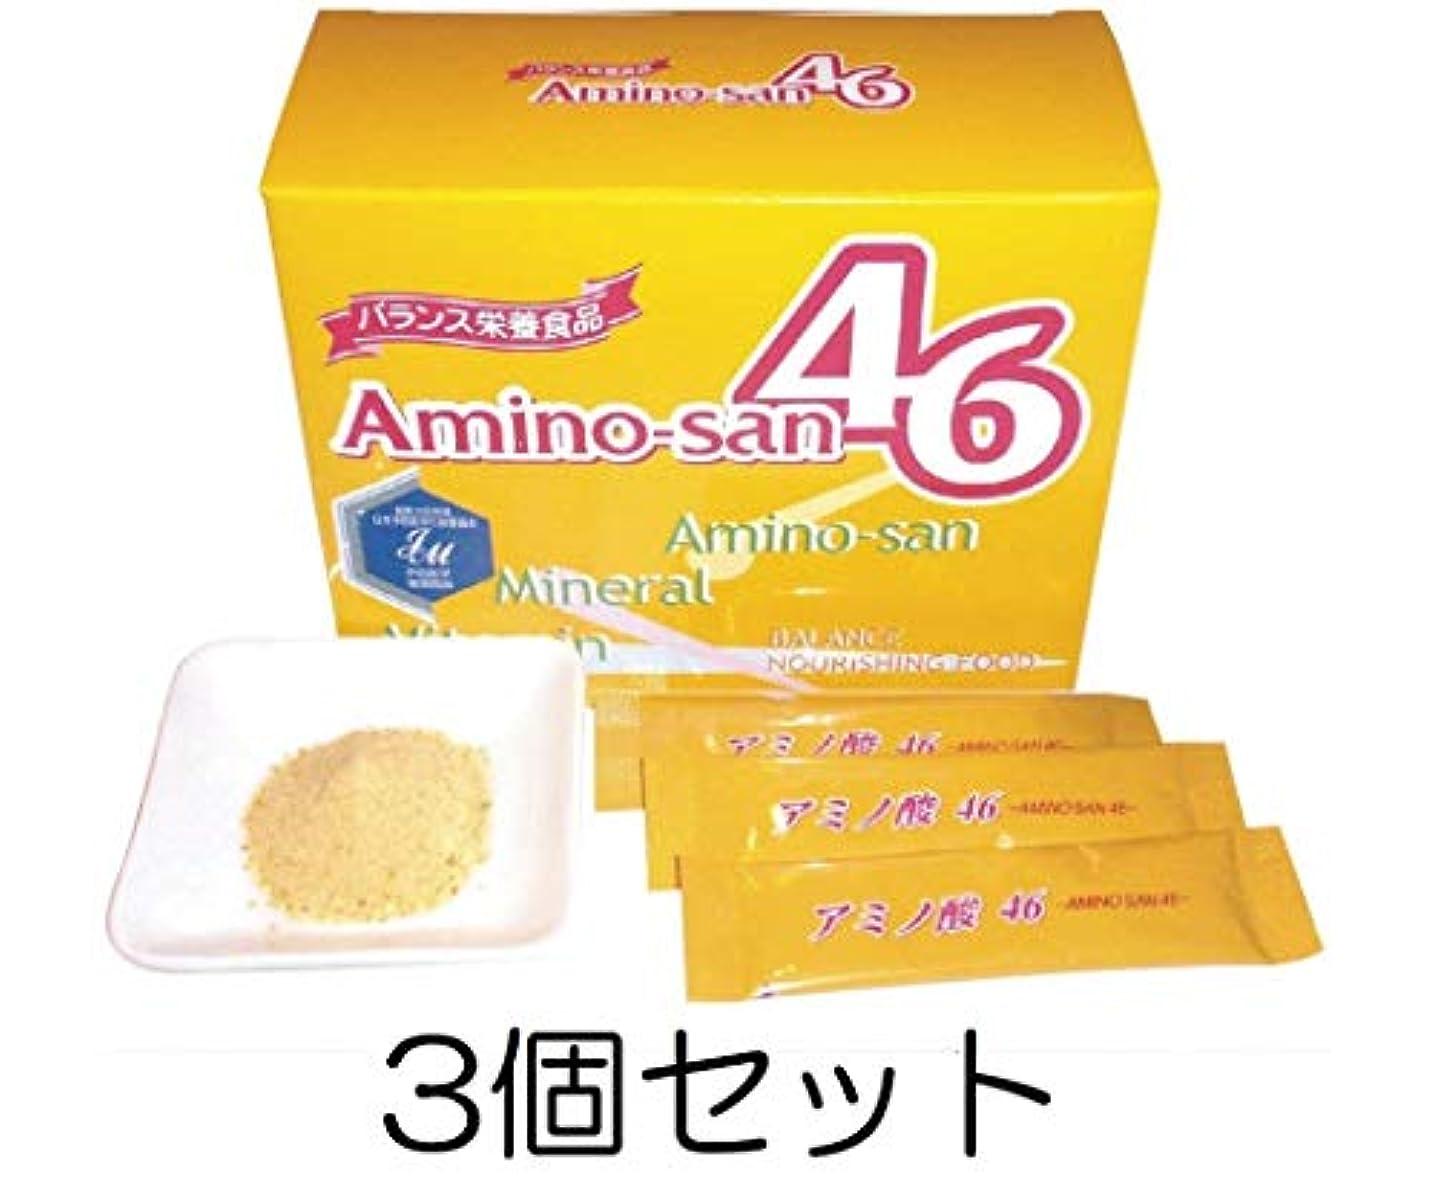 書き出す侵入平和なベル?クール研究所 アミノ酸46 3g×60本入り(1ヶ月分)×3箱セット ポーレン(蜂蜜花粉)含有サプリメント 栄養補助食品